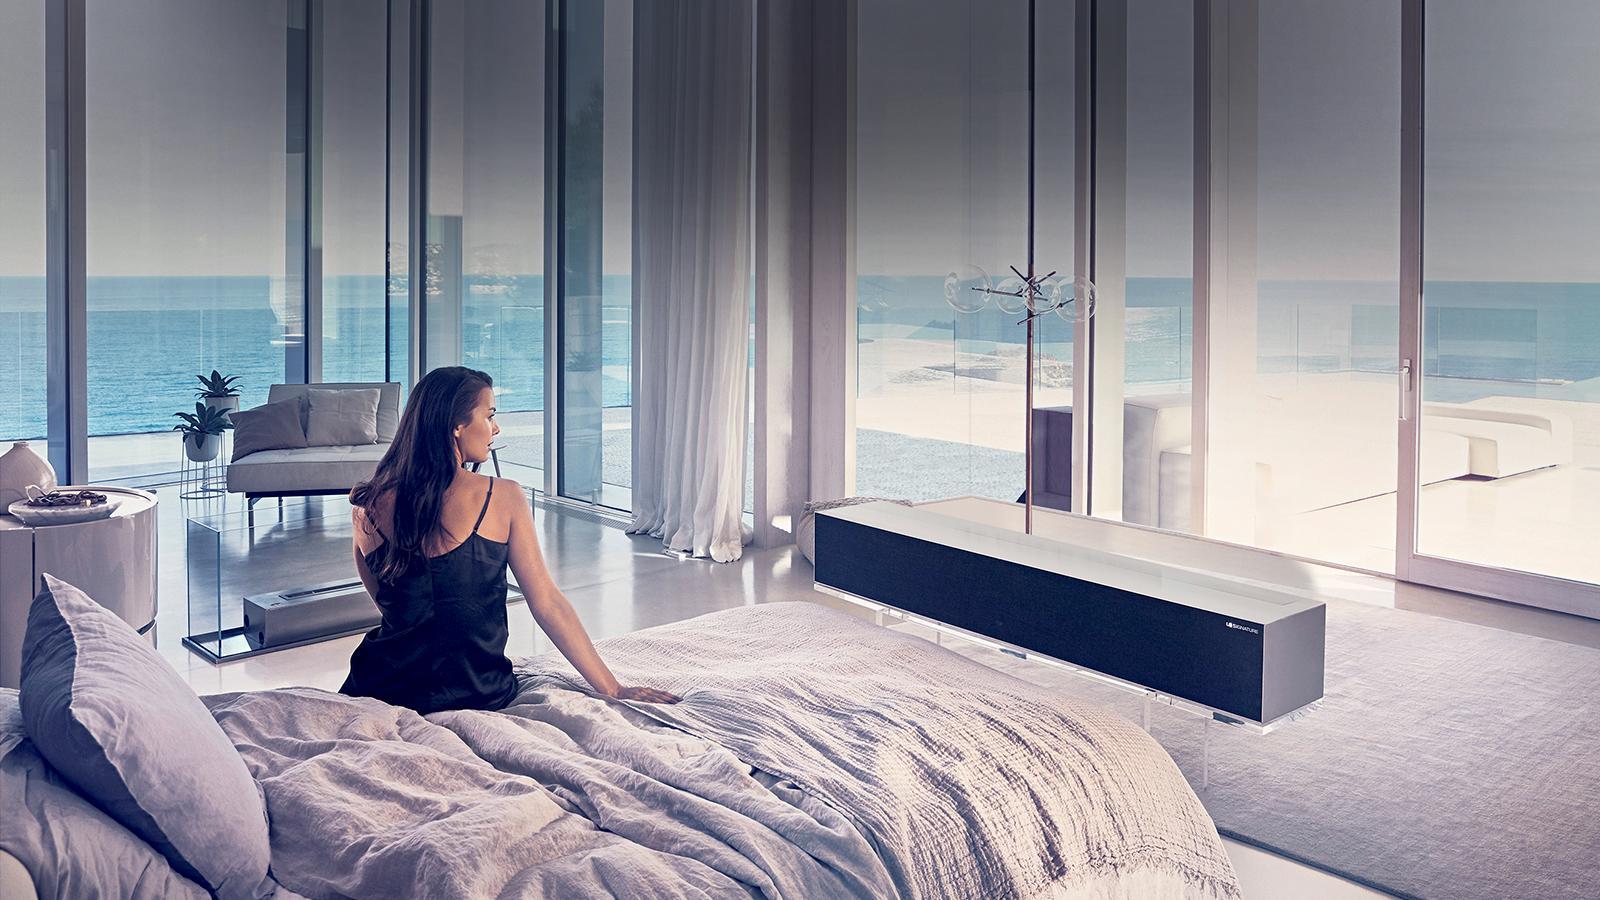 Женщина смотрит телевизор в роскошной спальне